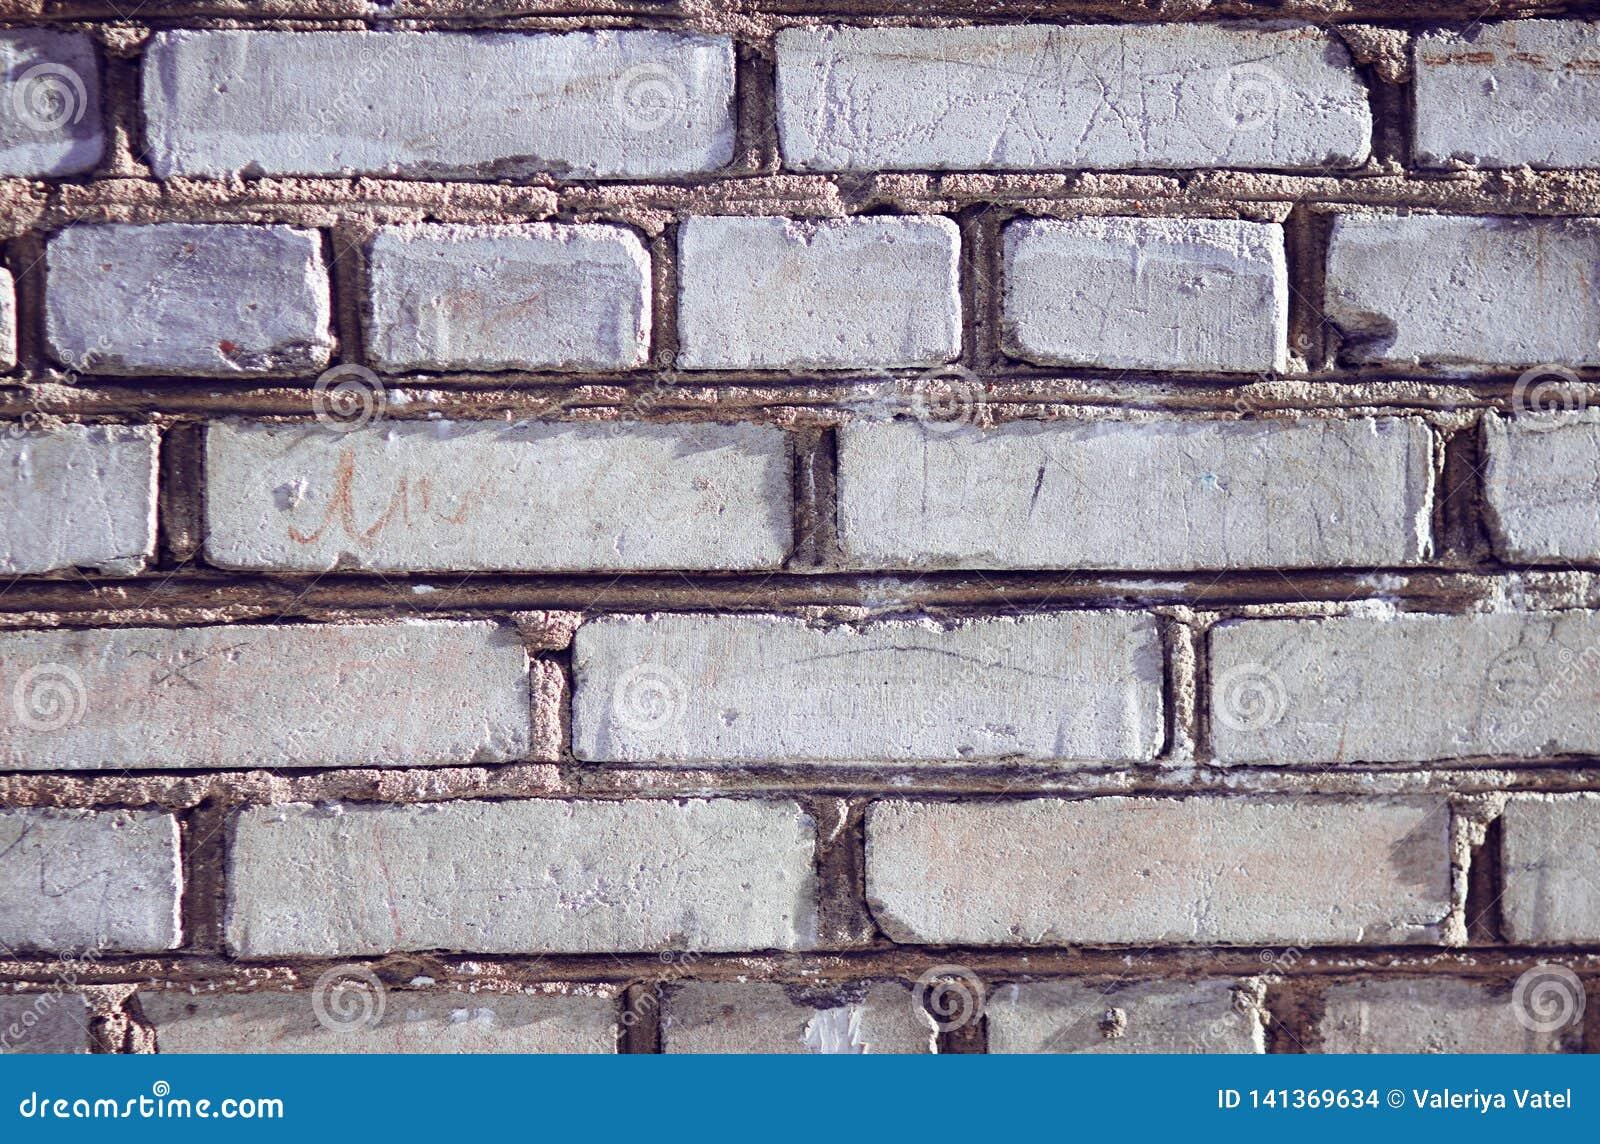 Szara ściana budynek, budująca szorstkie nierówne cegły